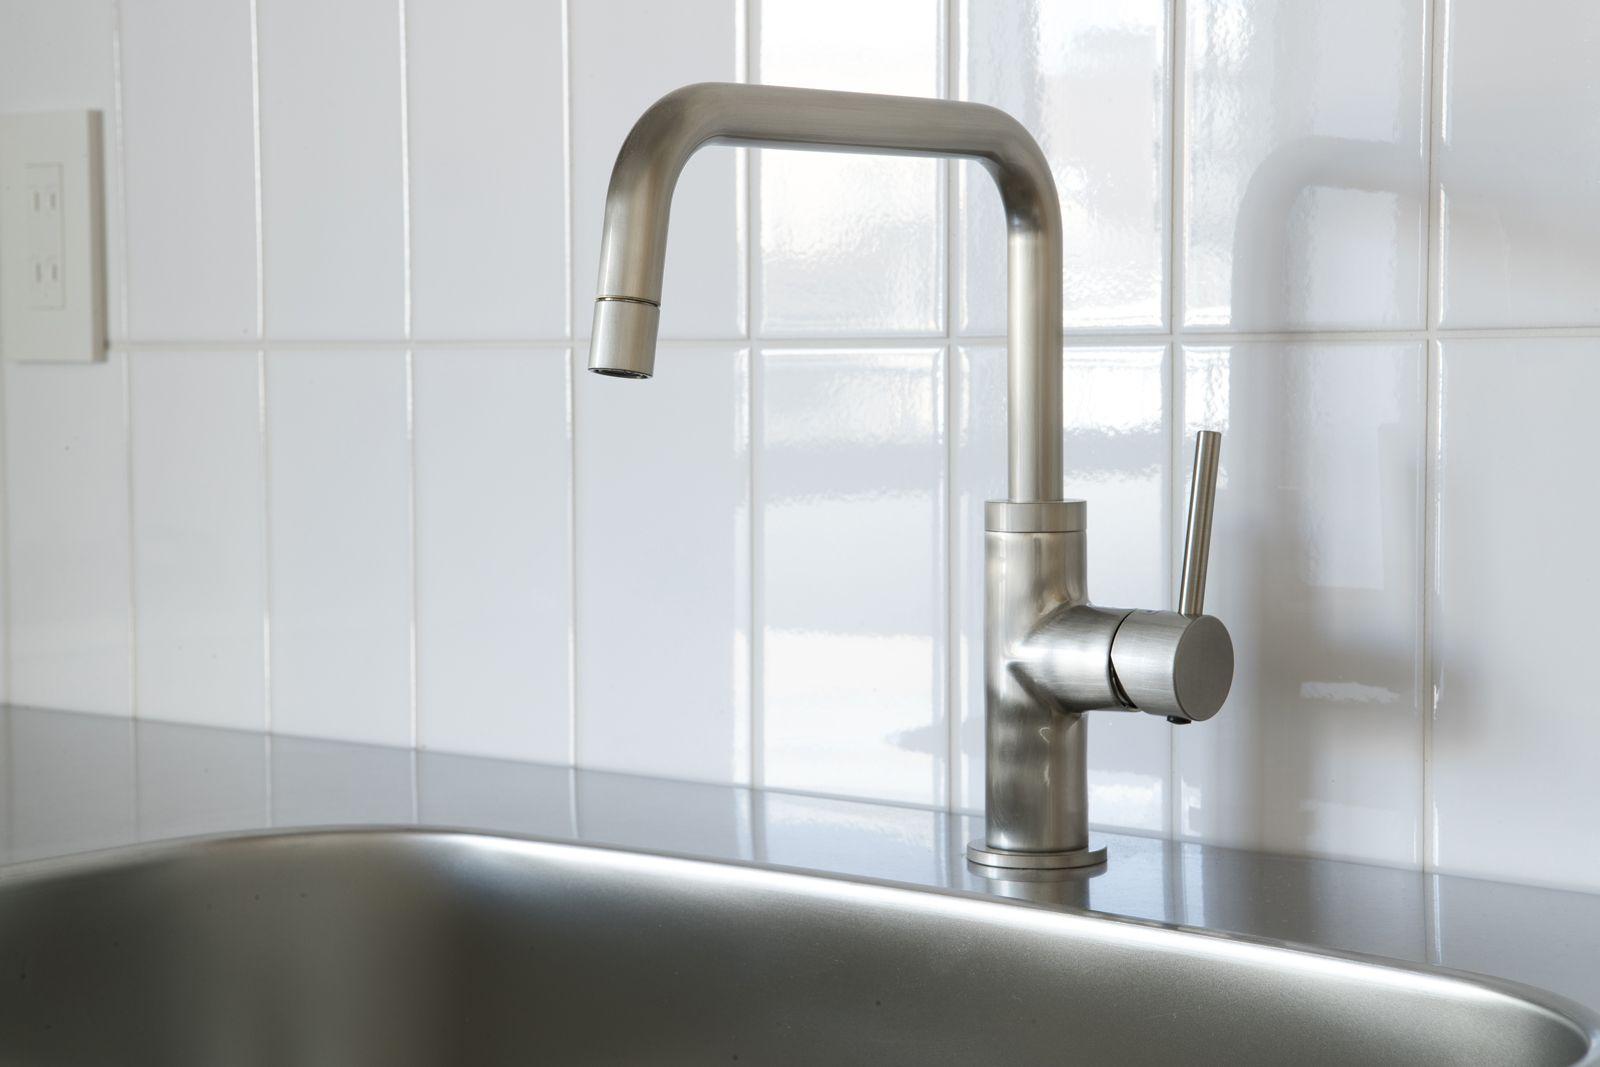 ニッケルサテン水栓は シルキーな質感と落ち着いた輝きが特長の